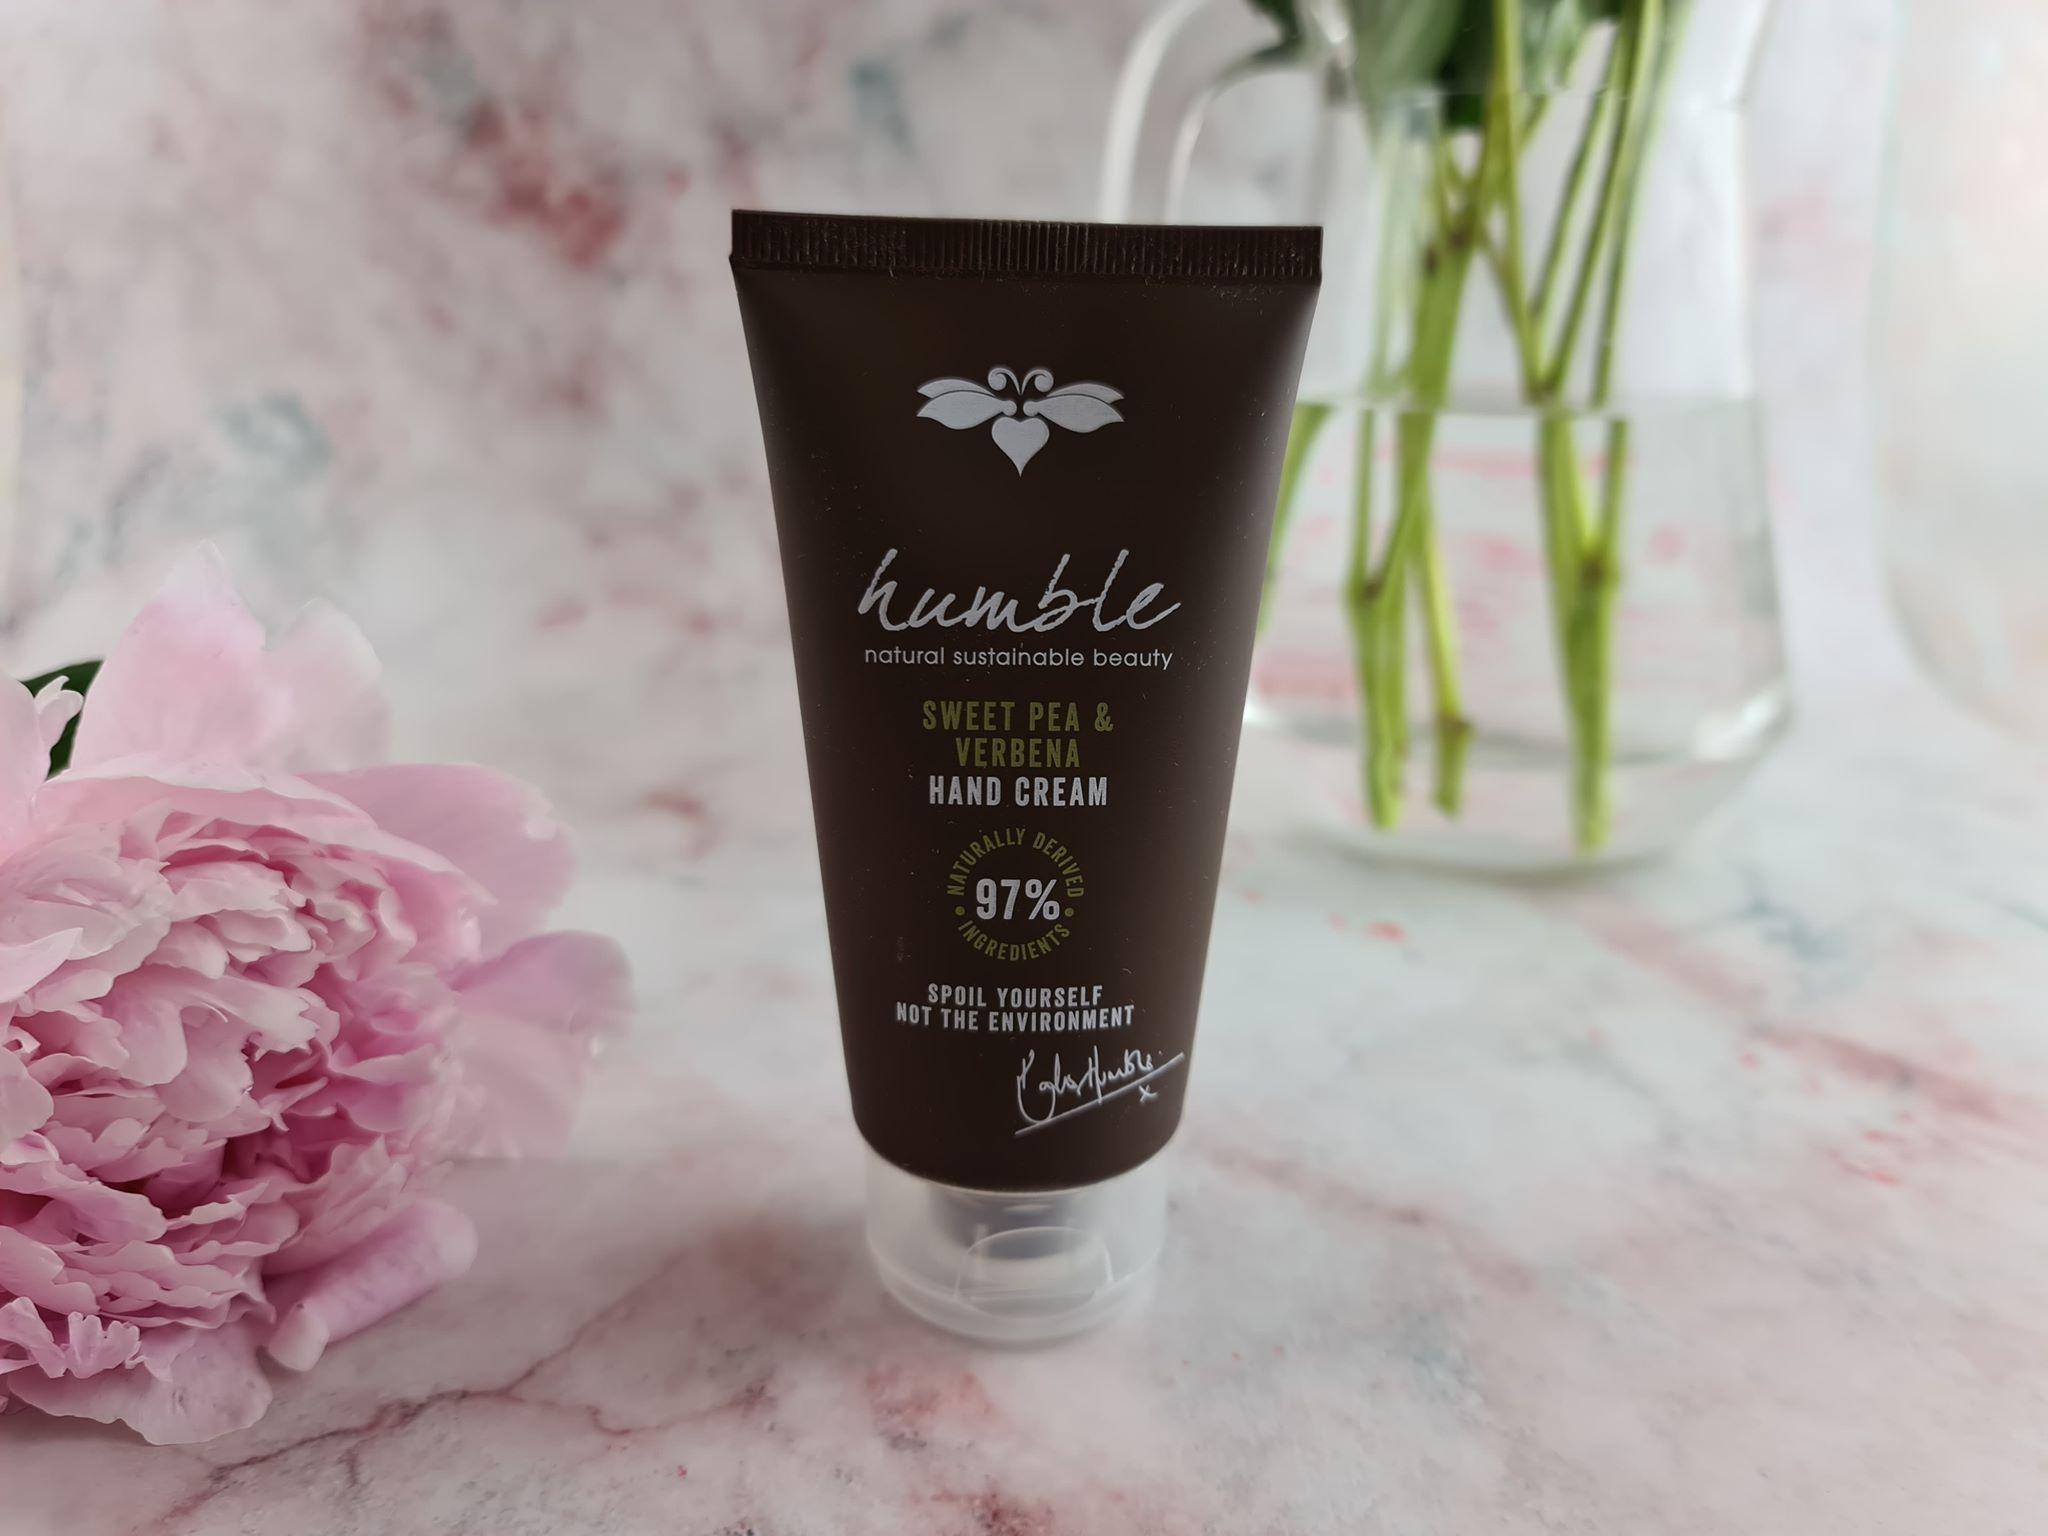 Humble Natural Beauty Sweet Pea & Verbena Hand Cream